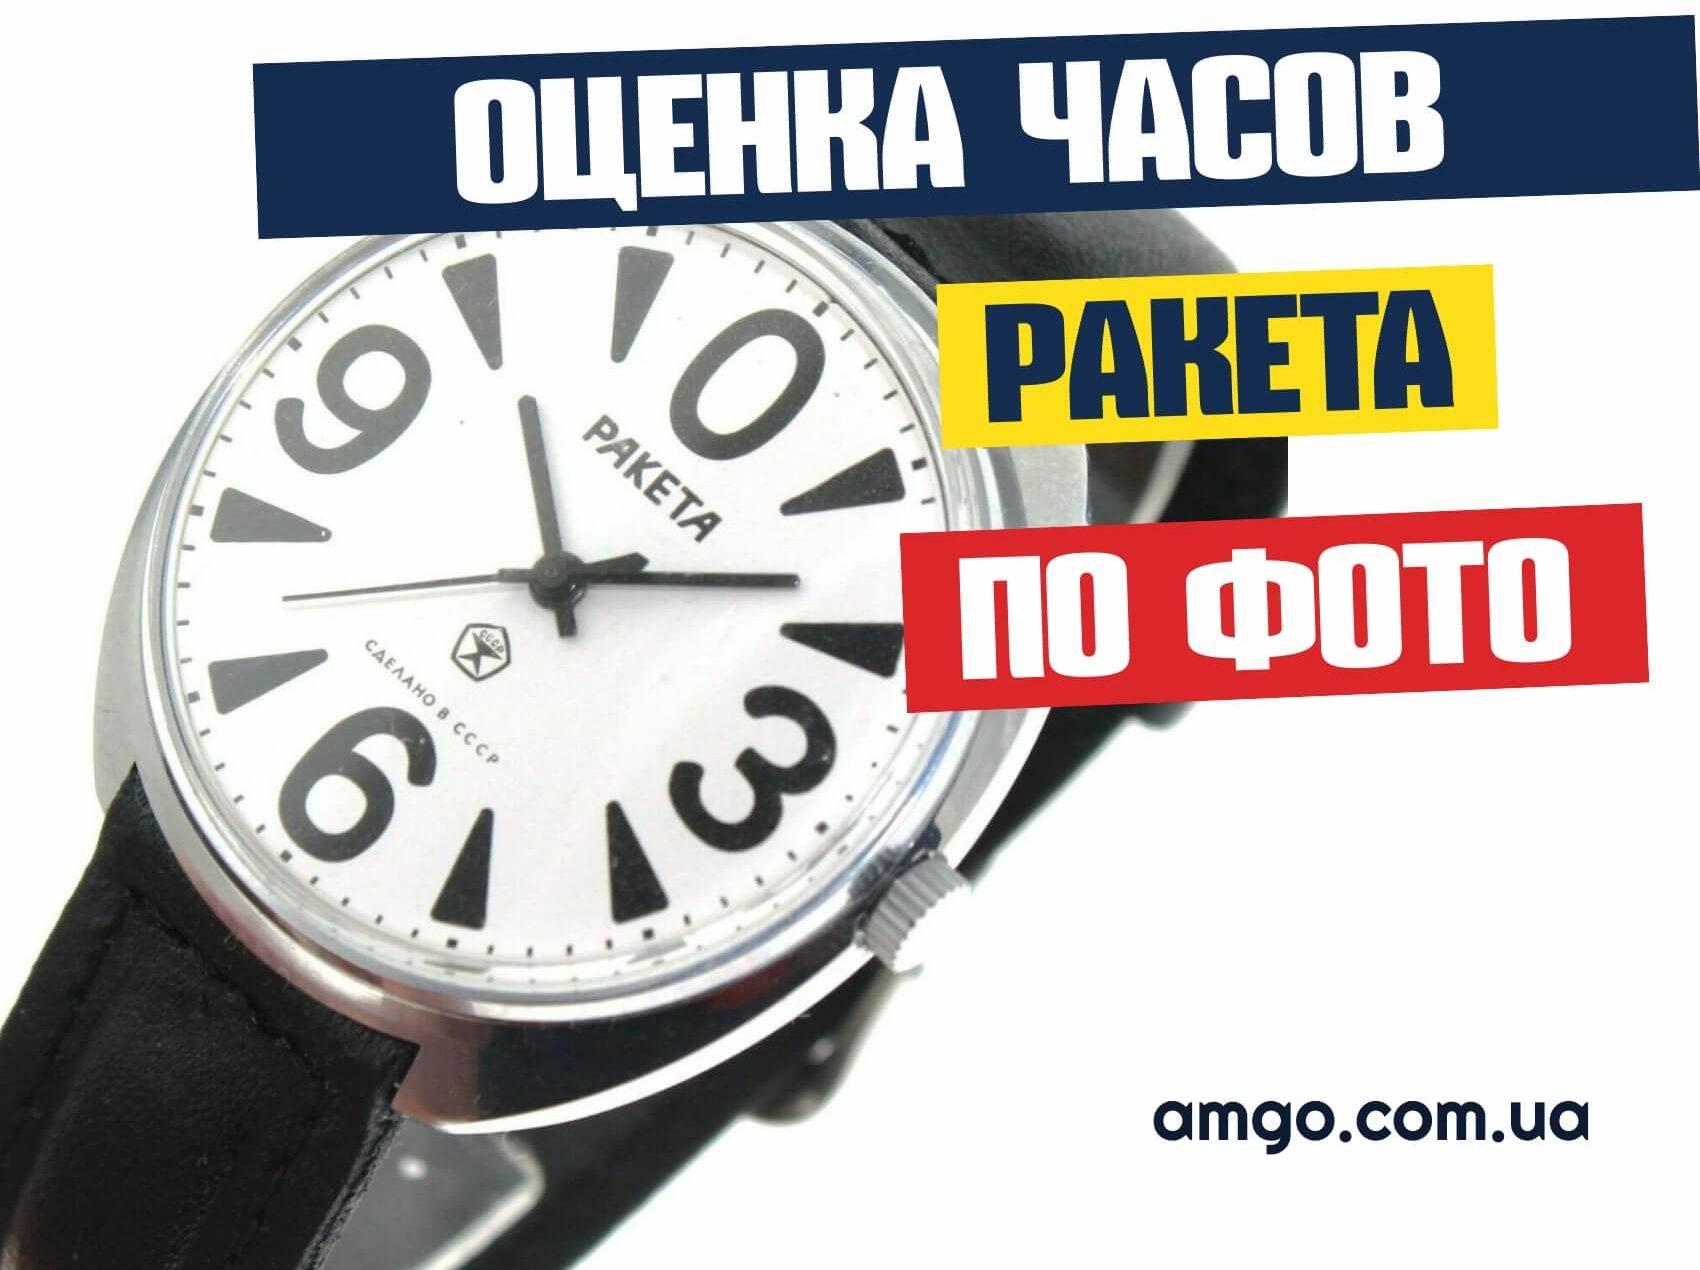 Их ракета фирма стоимость часов panerai продам часы